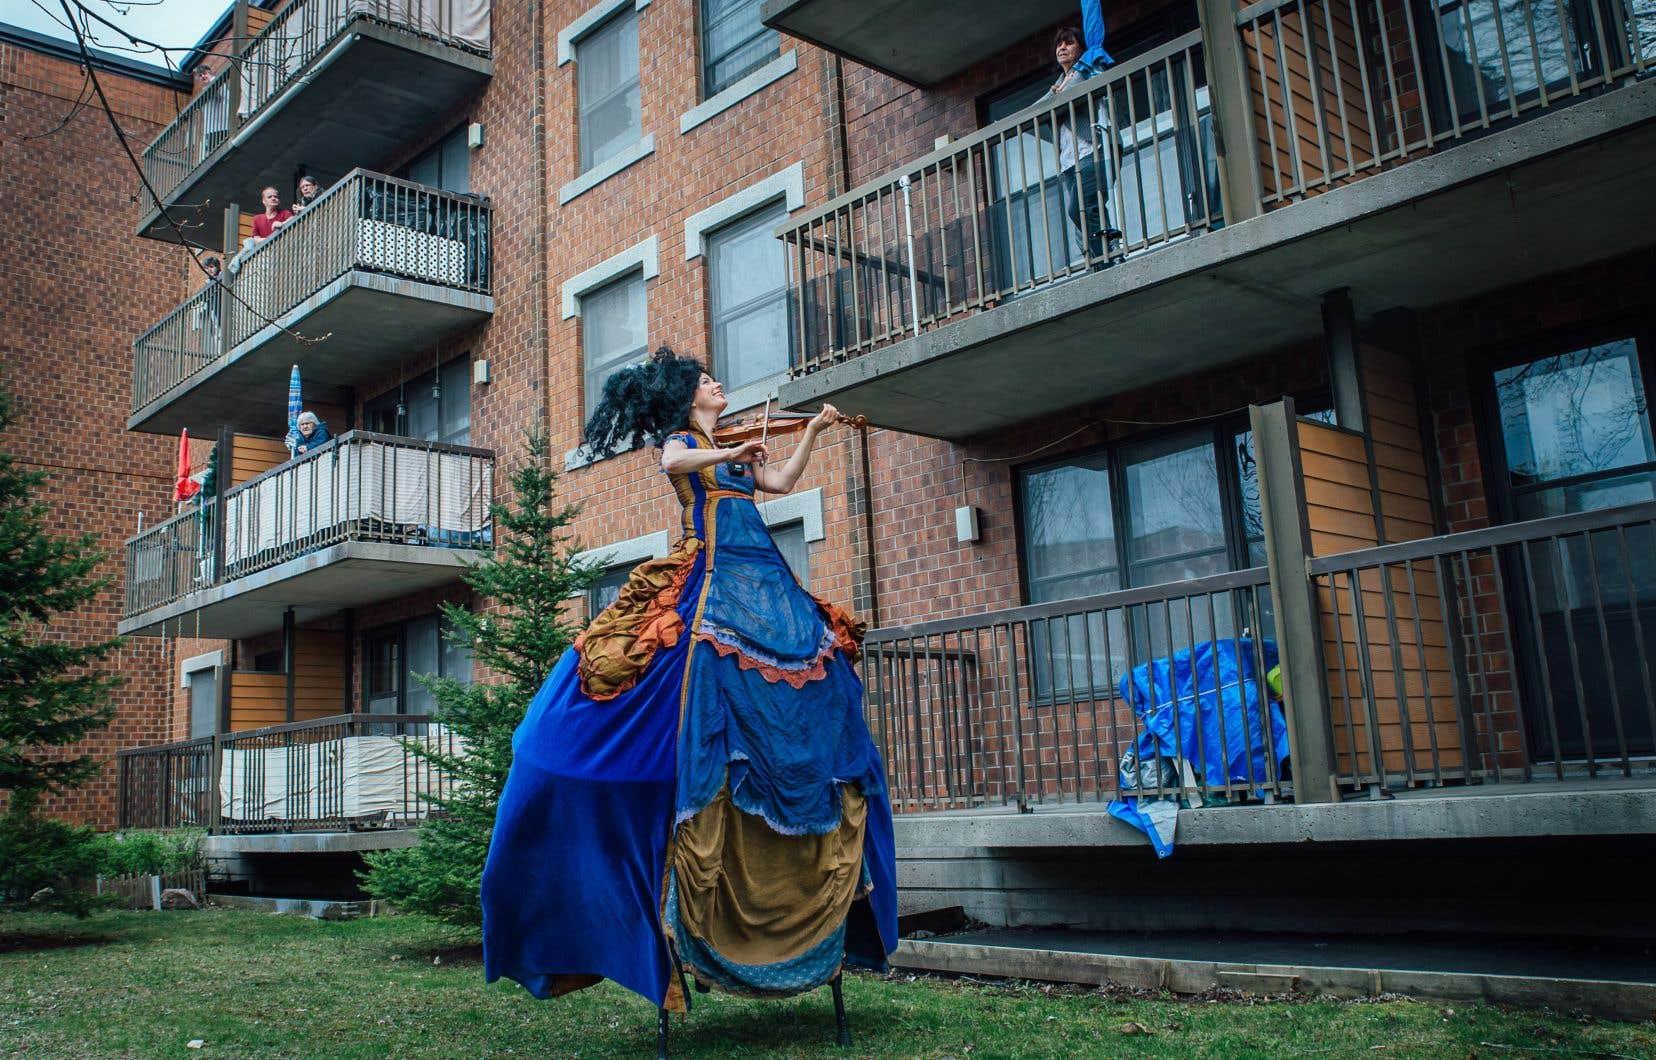 La troupe de théâtre de rue Drôldadon a lancé le projet Balconfinés: les artistes offrent une prestation de 30 minutes dans la cour des HLM de l'arrondissement Rosemont. Les résidents regardent de leur balcon.